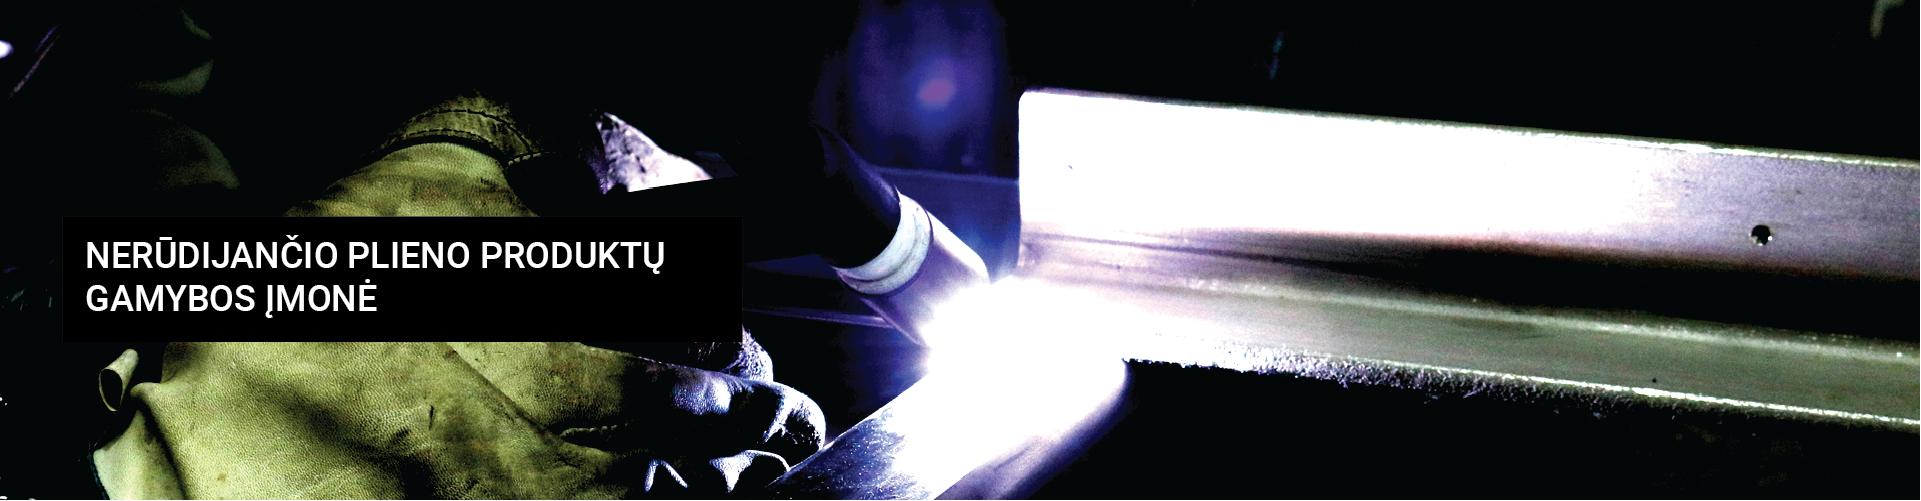 Nerūdijančio plieno produktų gamybos įmonė